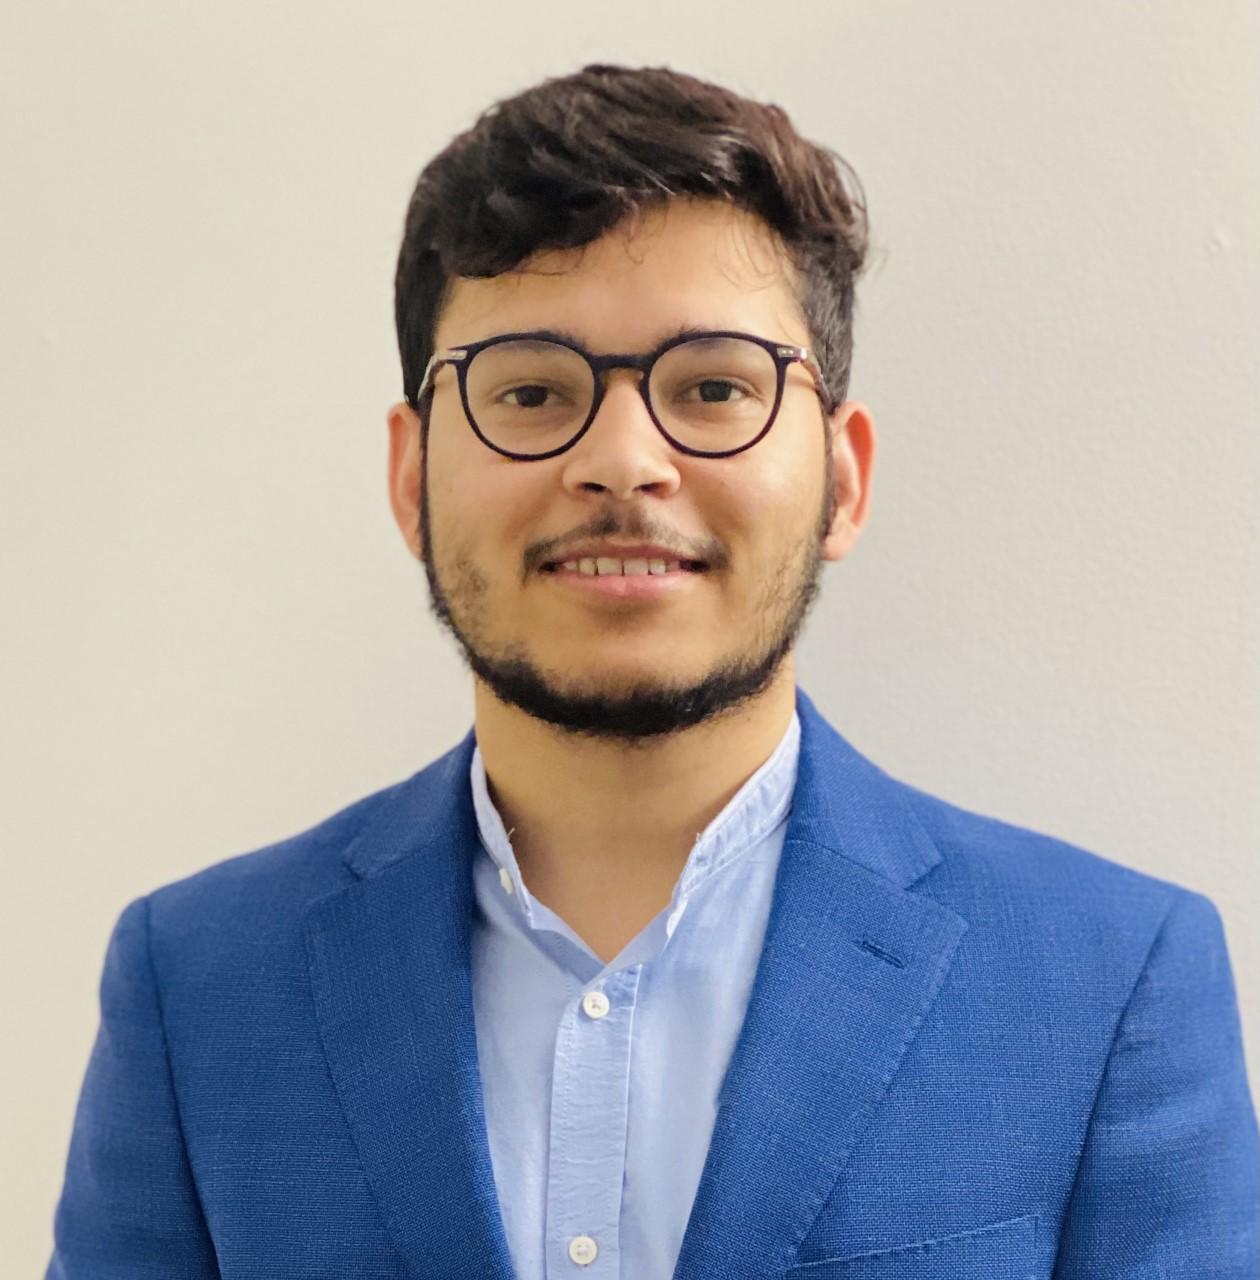 Student Spotlight: Himanshu Kumar